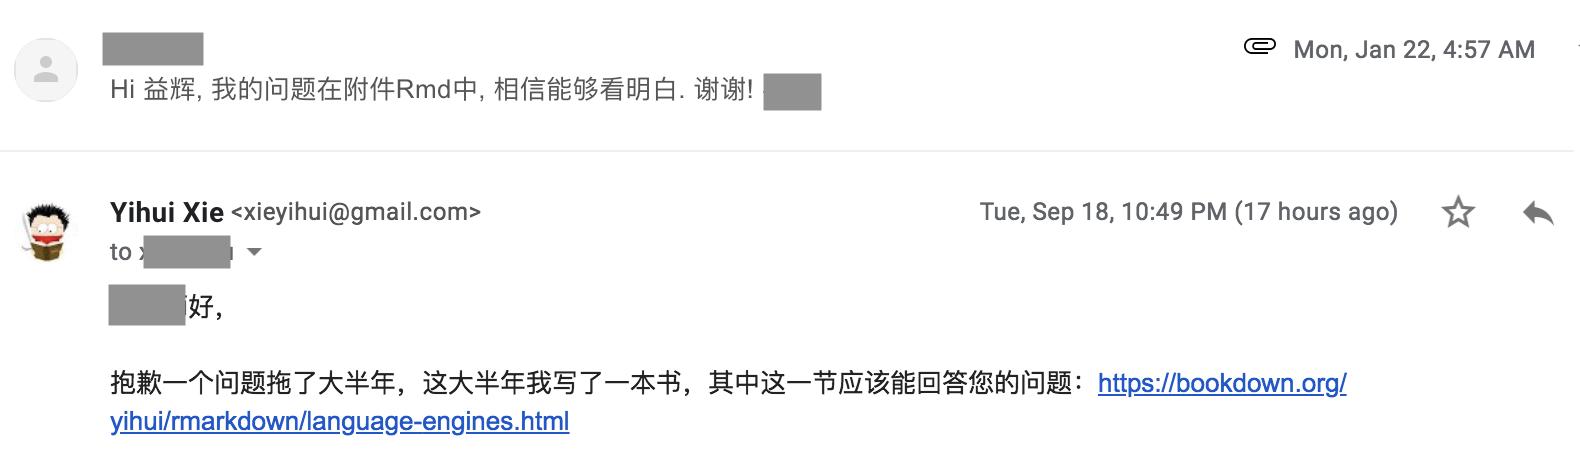 吴老师的 R Markdown 问题邮件